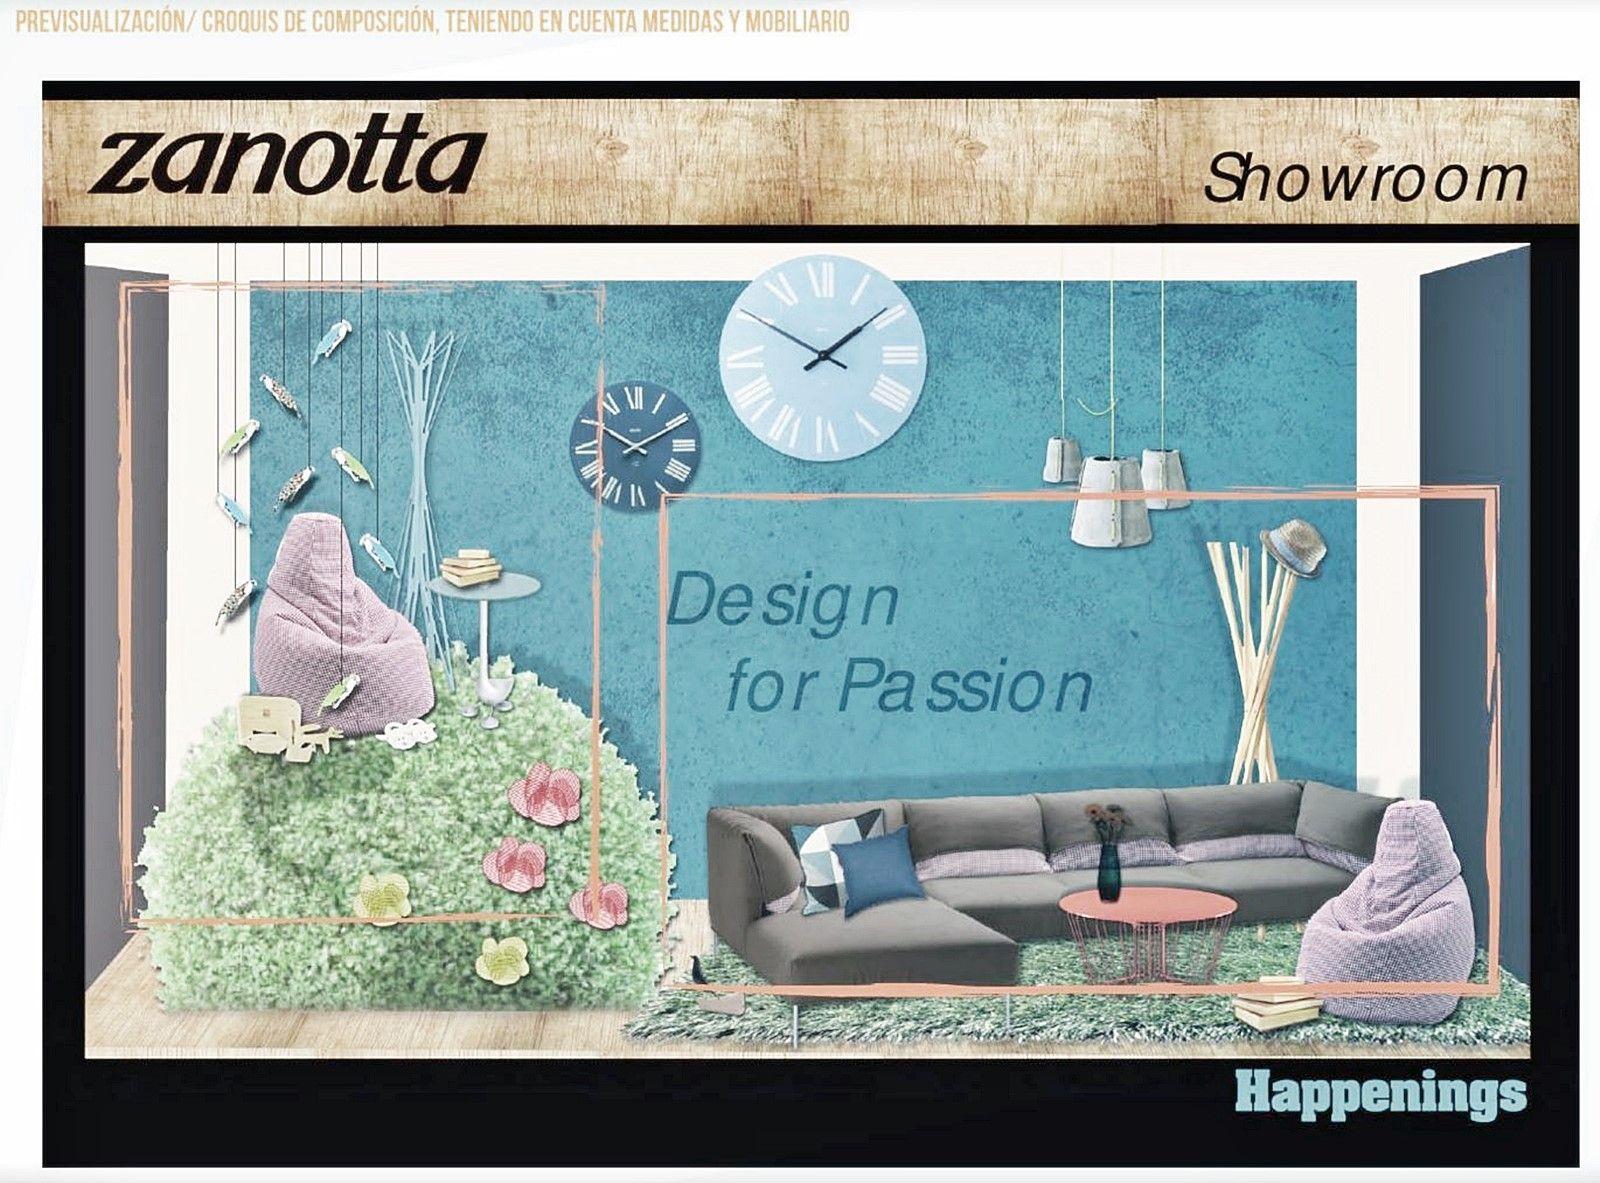 Bocetos del proceso de composición y diseño de escaparate por Ana Utrilla